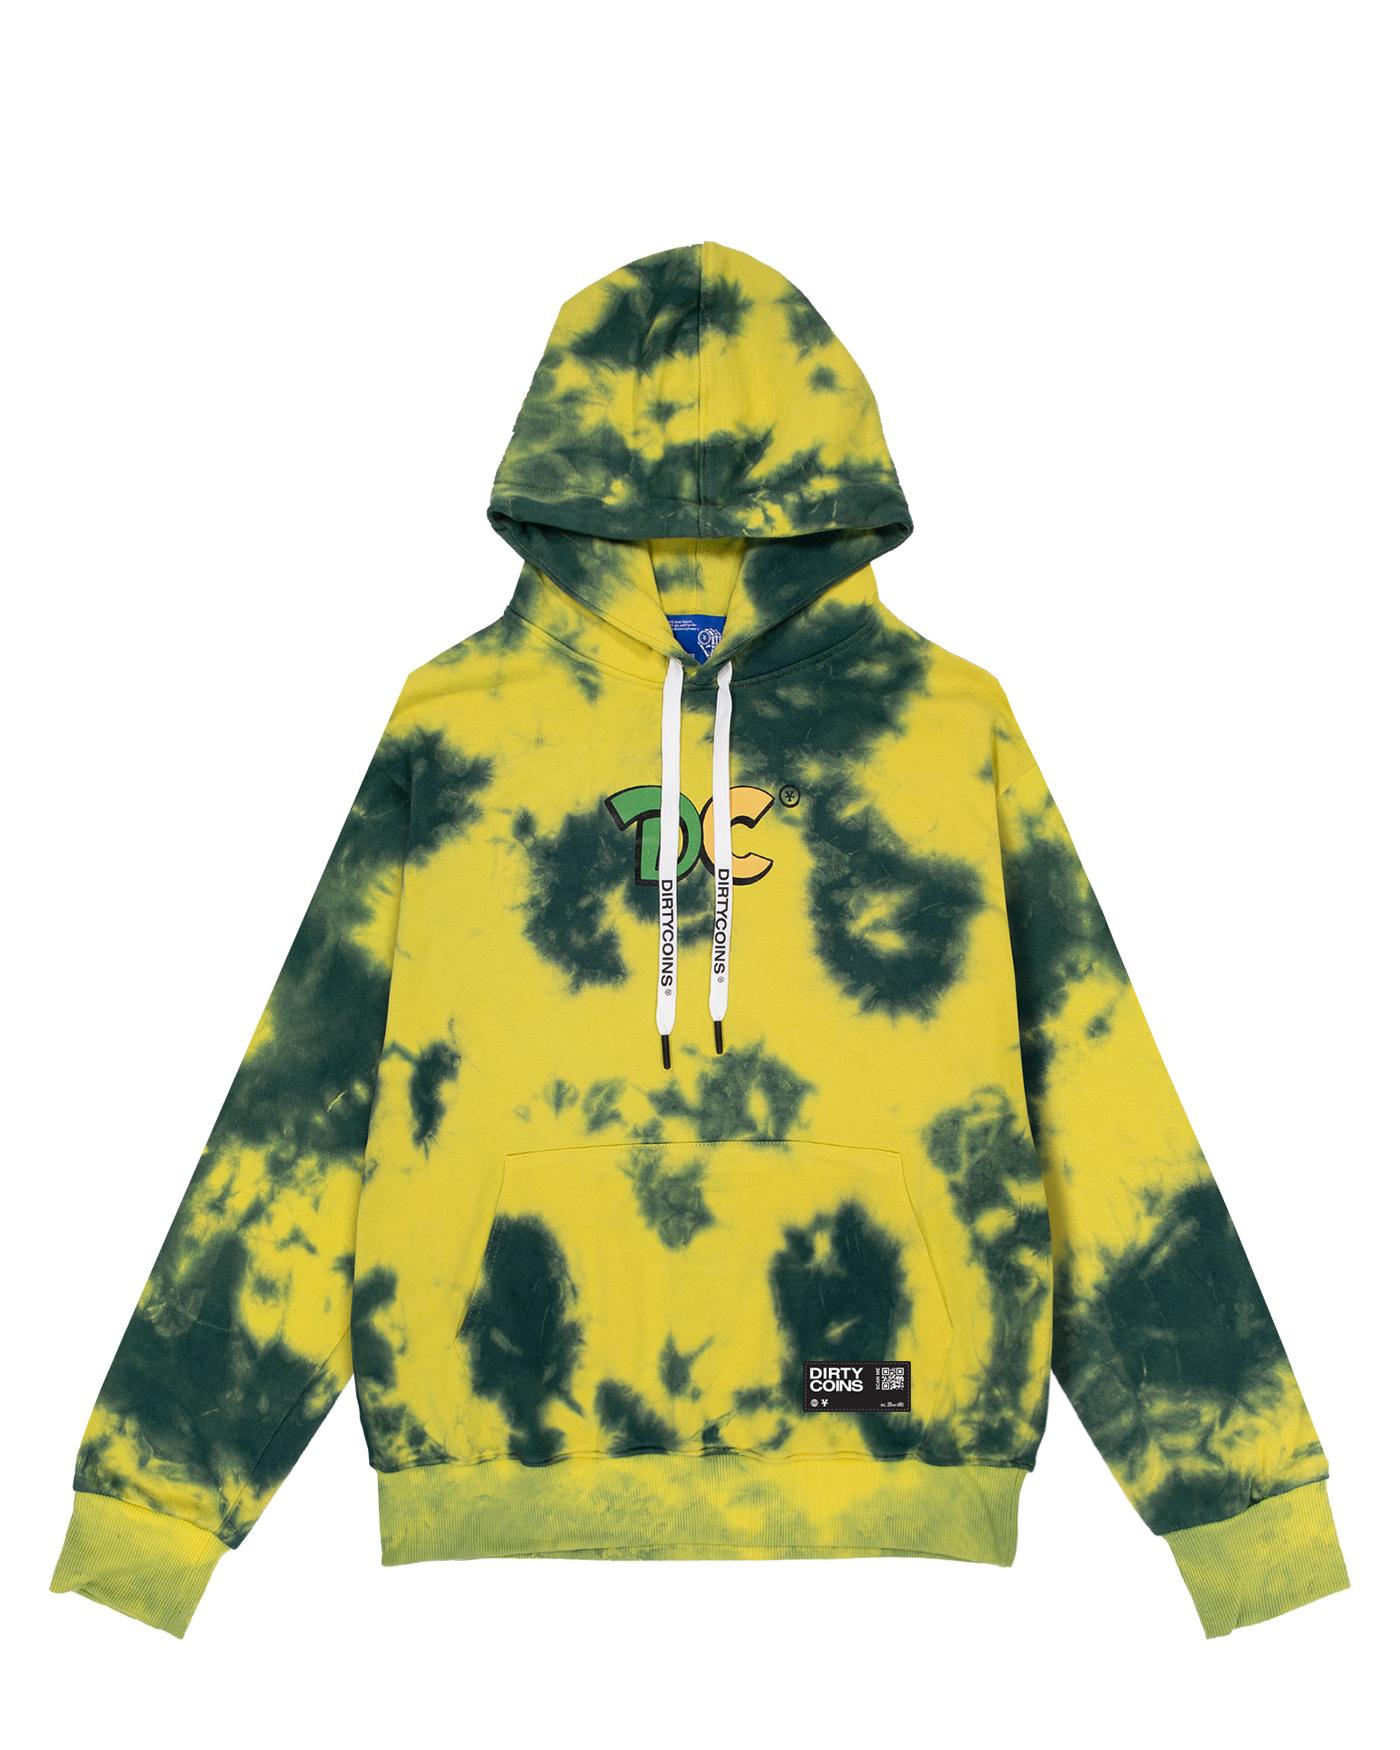 DirtyCoins Lime Tie-dye Hoodie